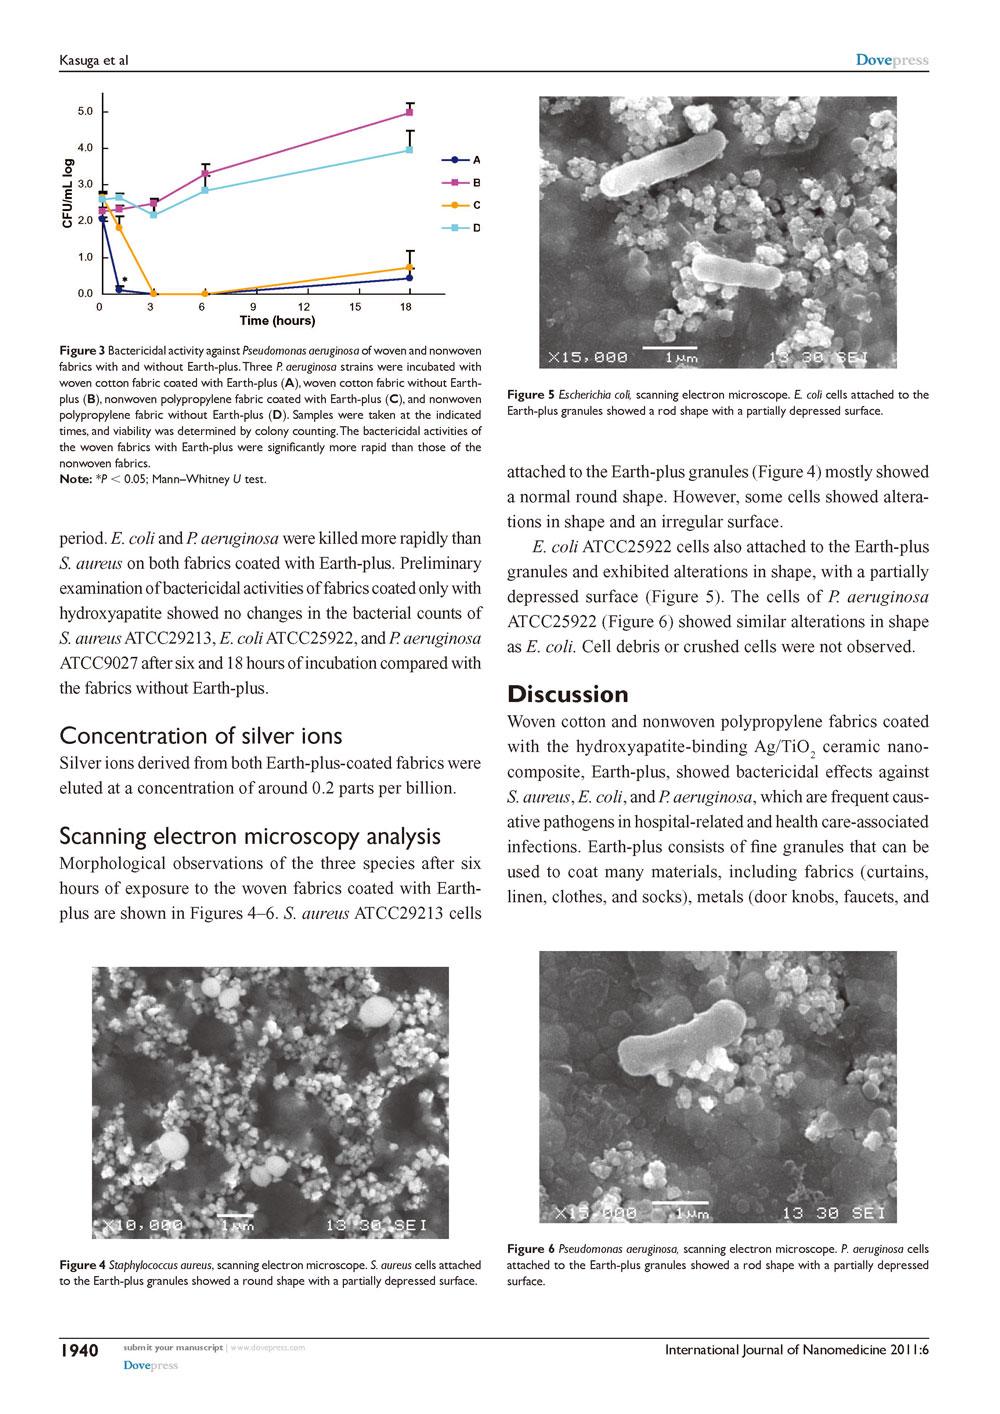 Academic paper samples